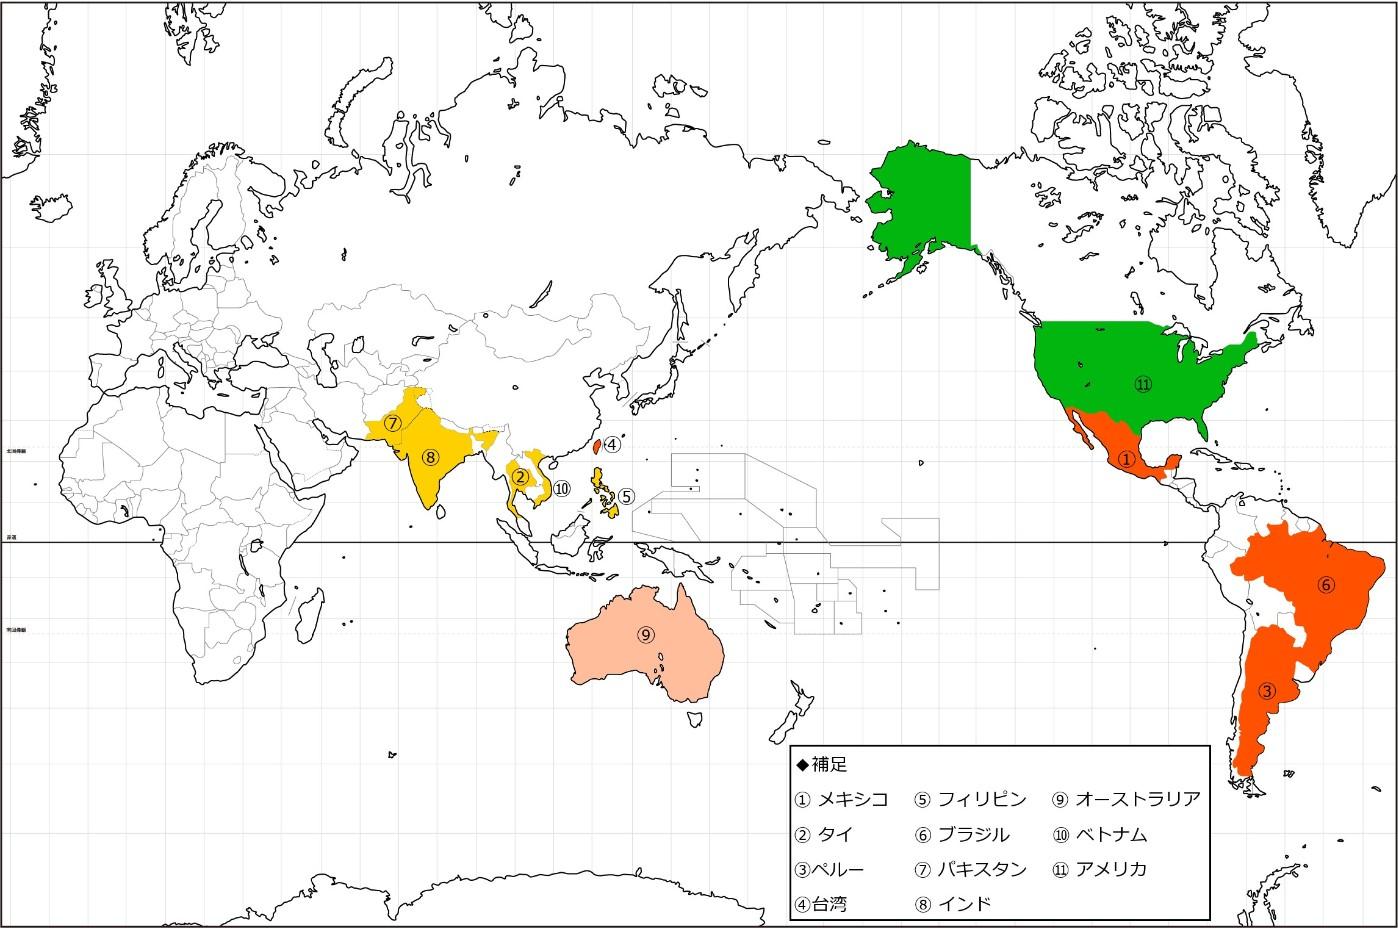 マンゴー色で地図に塗り絵